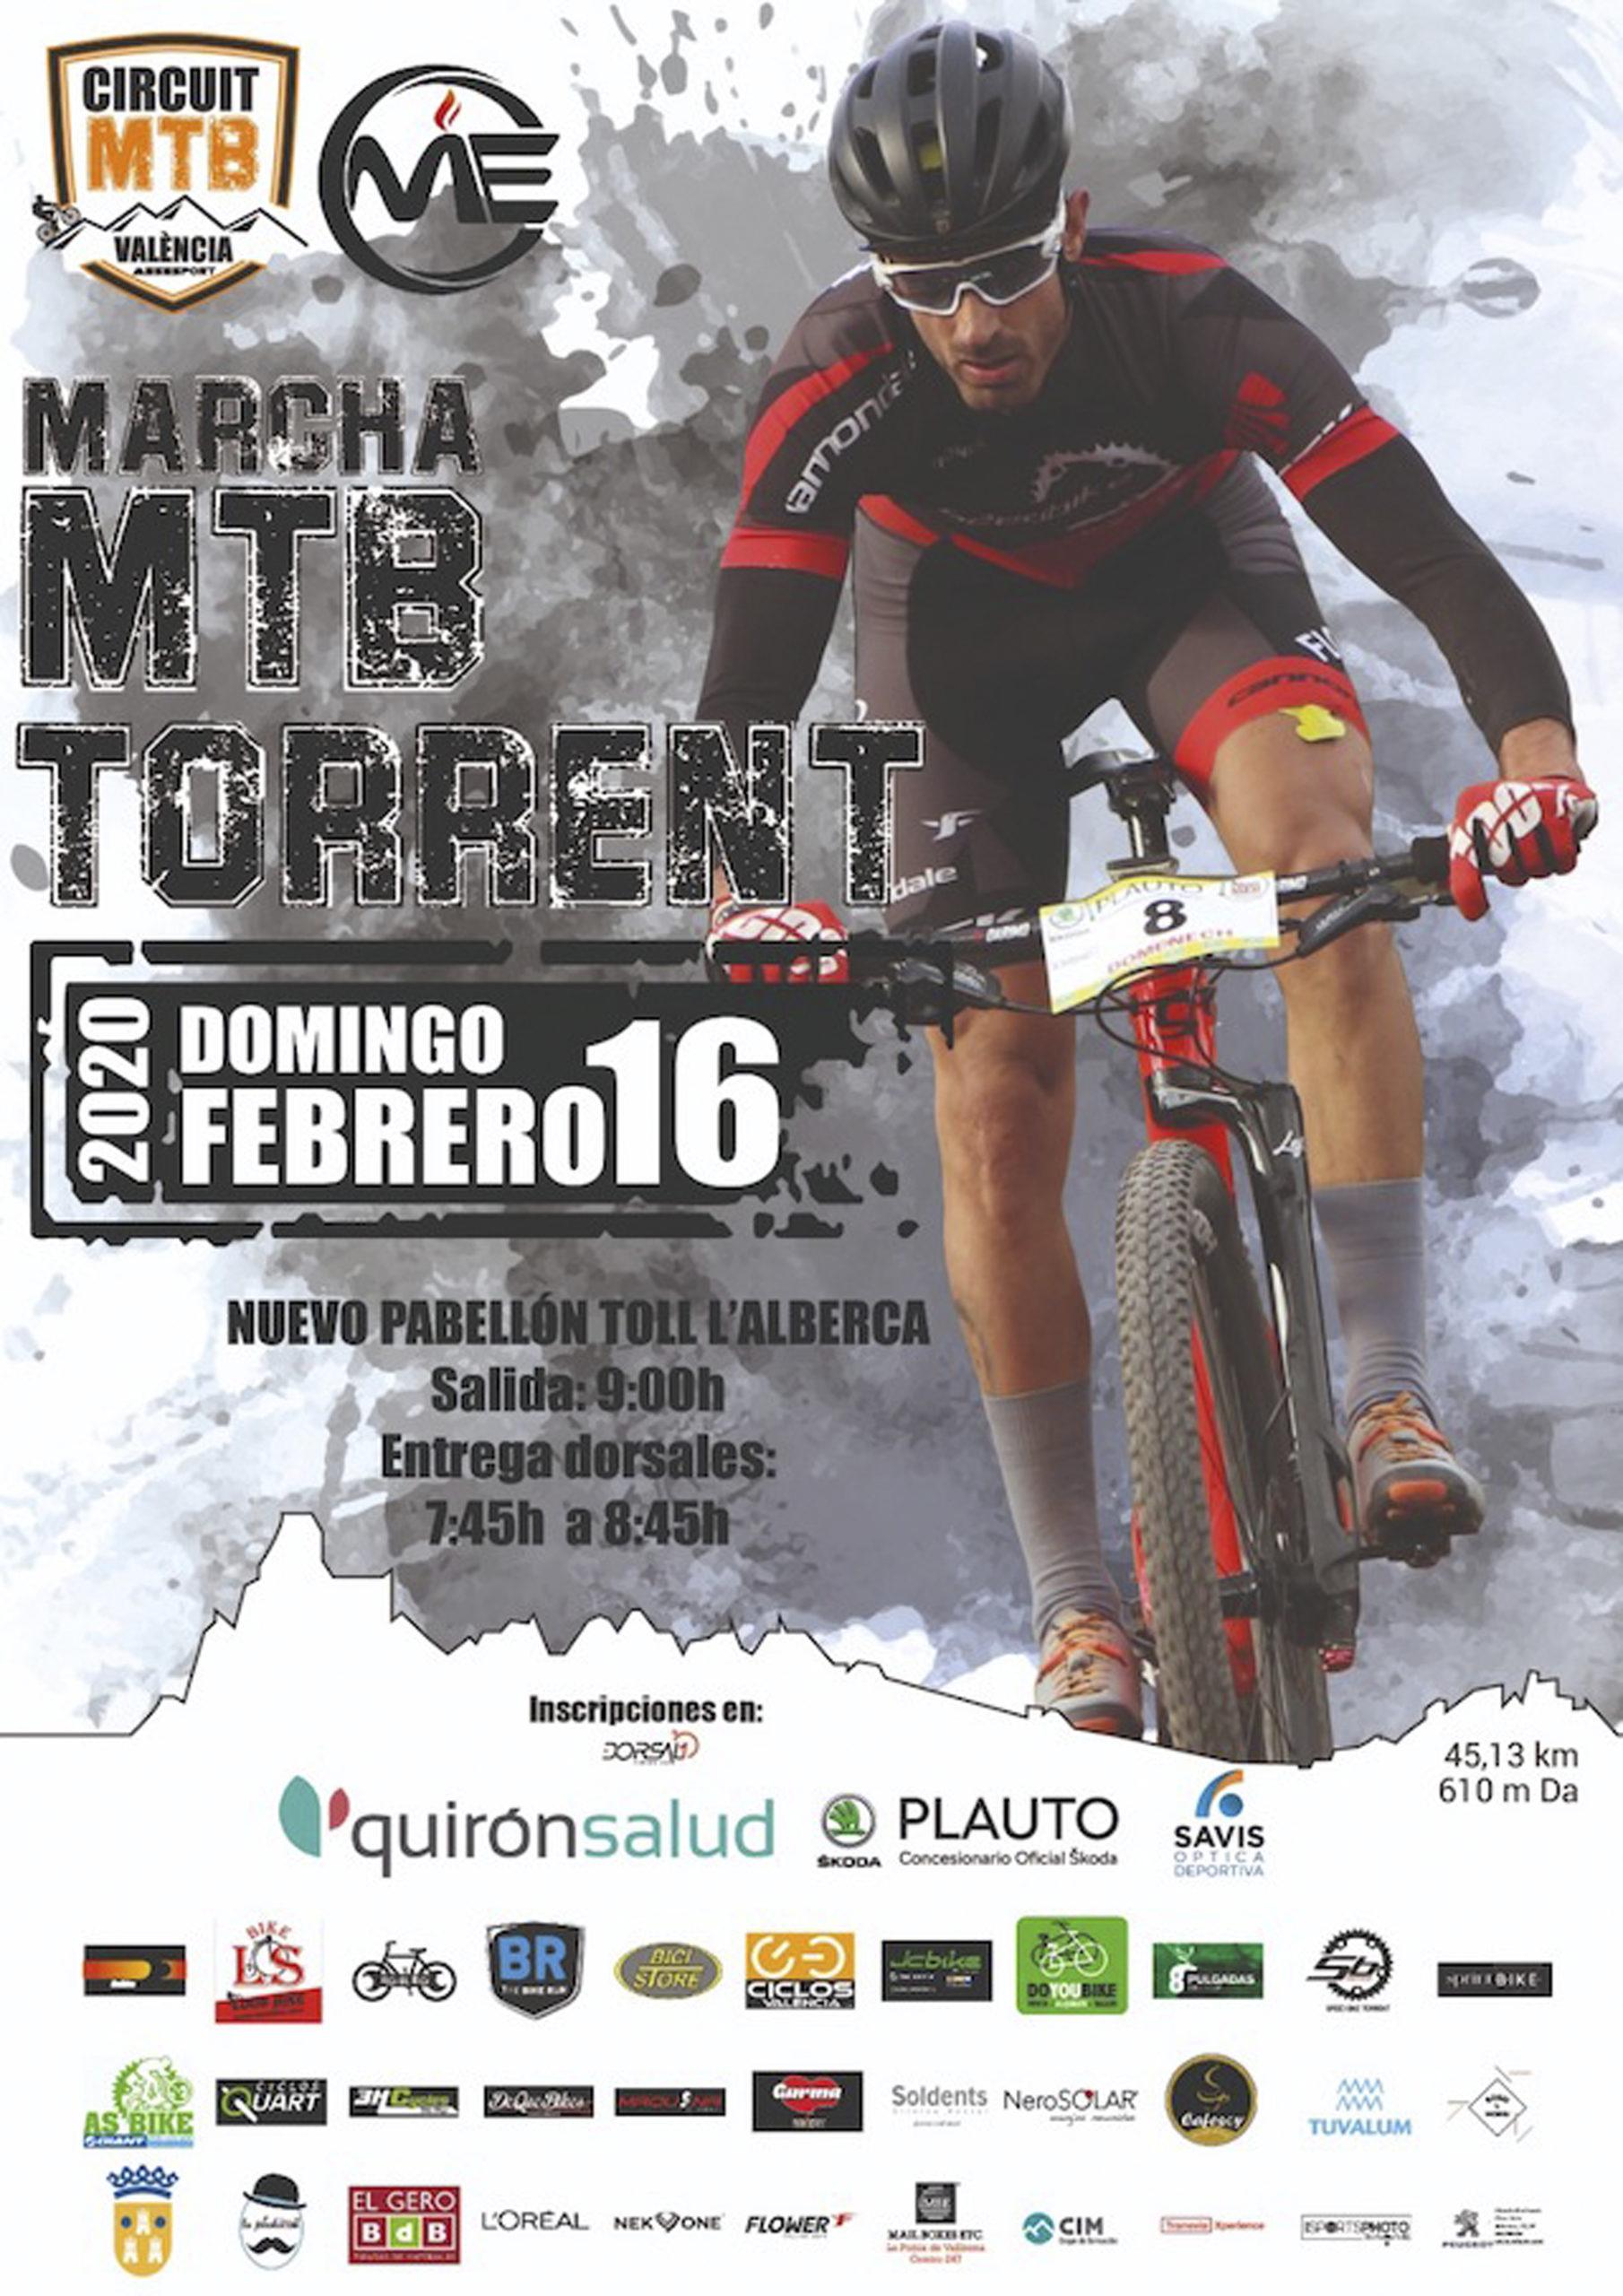 Marcha MTB Torrent 2020, Marcha Torrent, Circuit mtb Valencia